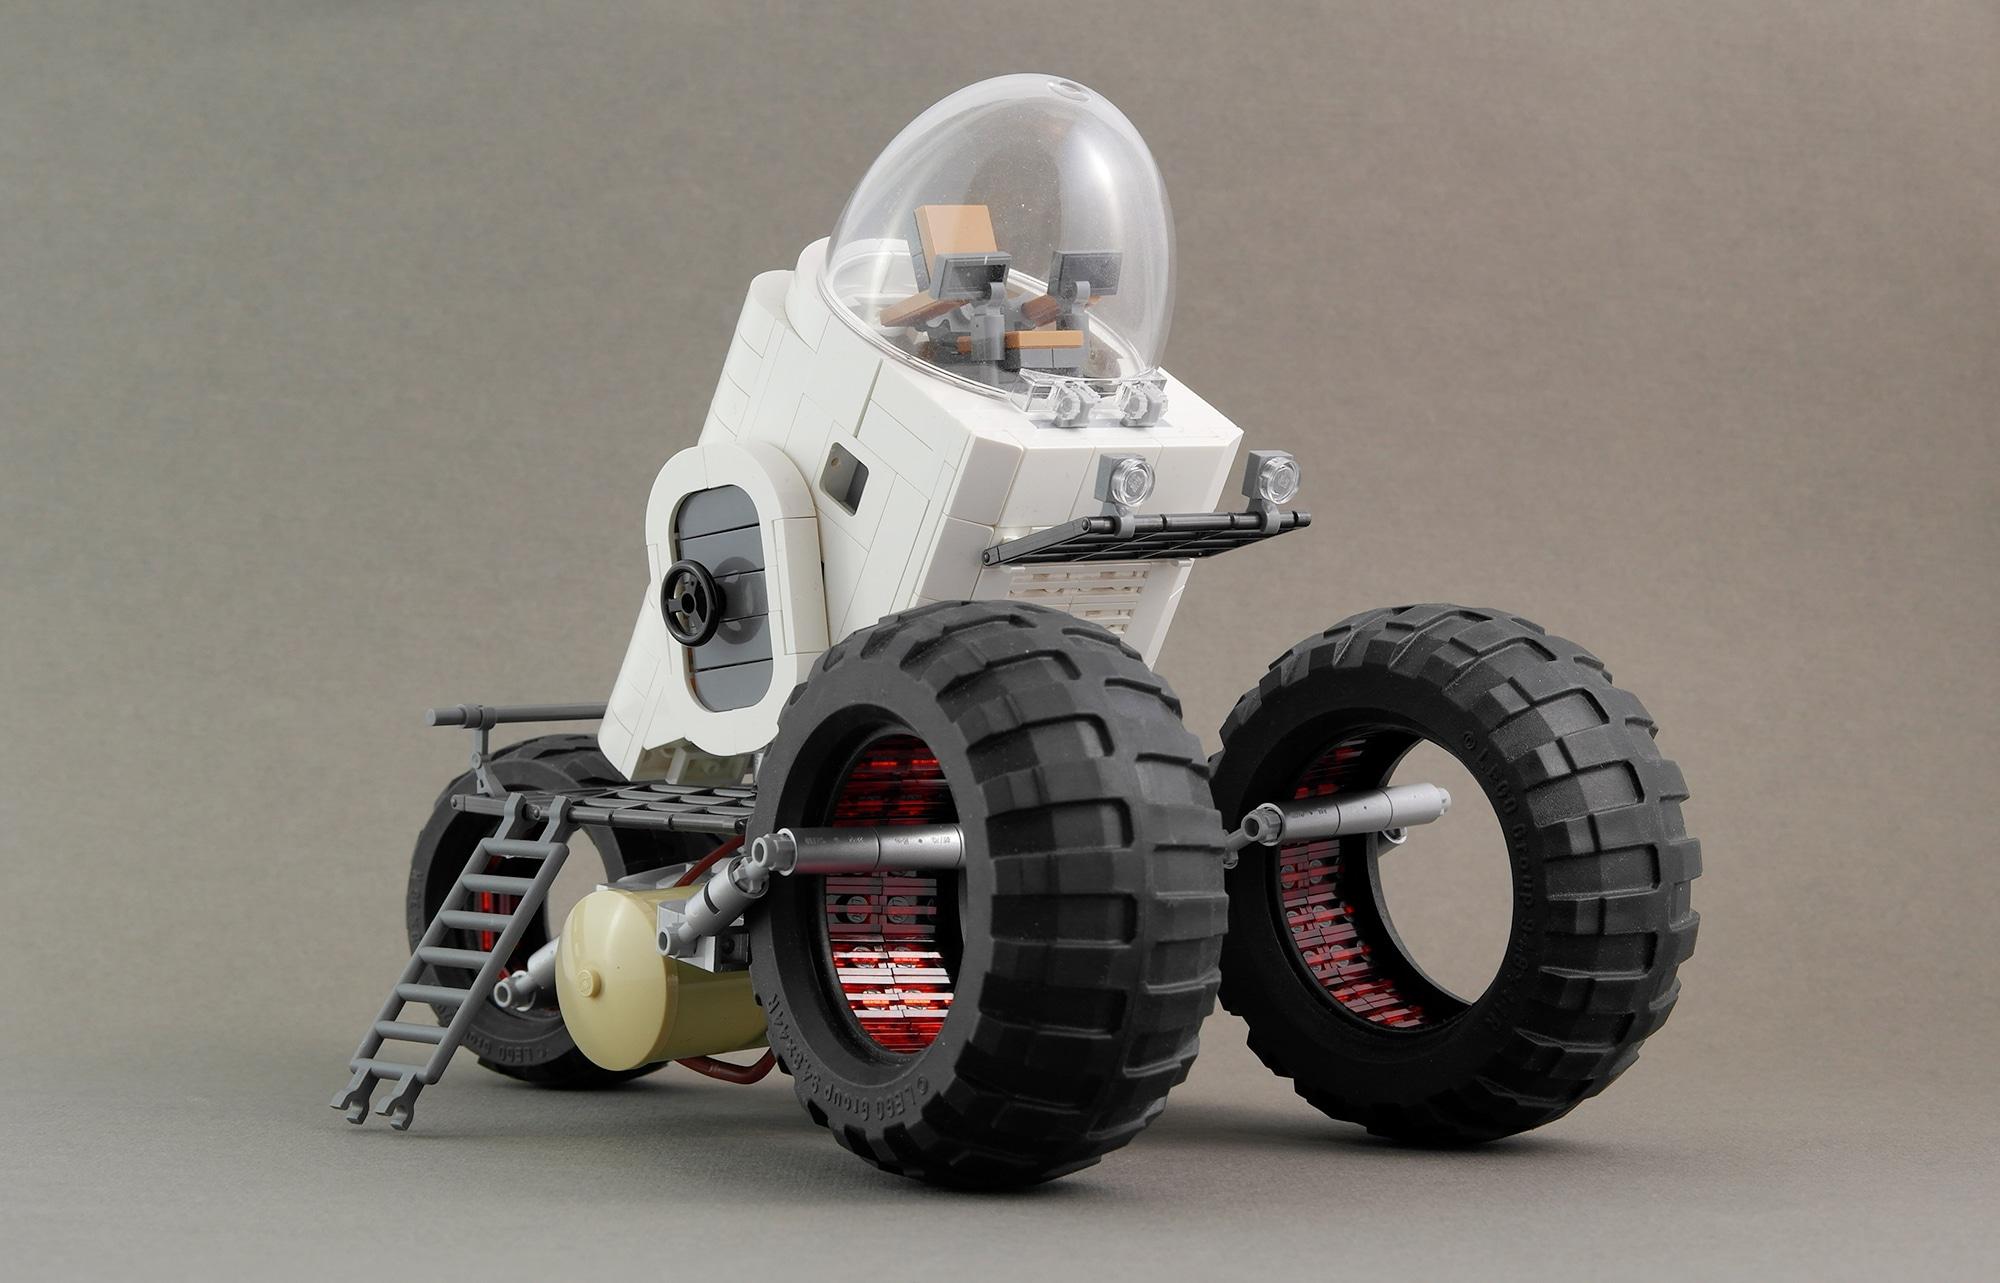 LEGO Moc Iron Builder 2016 Rover